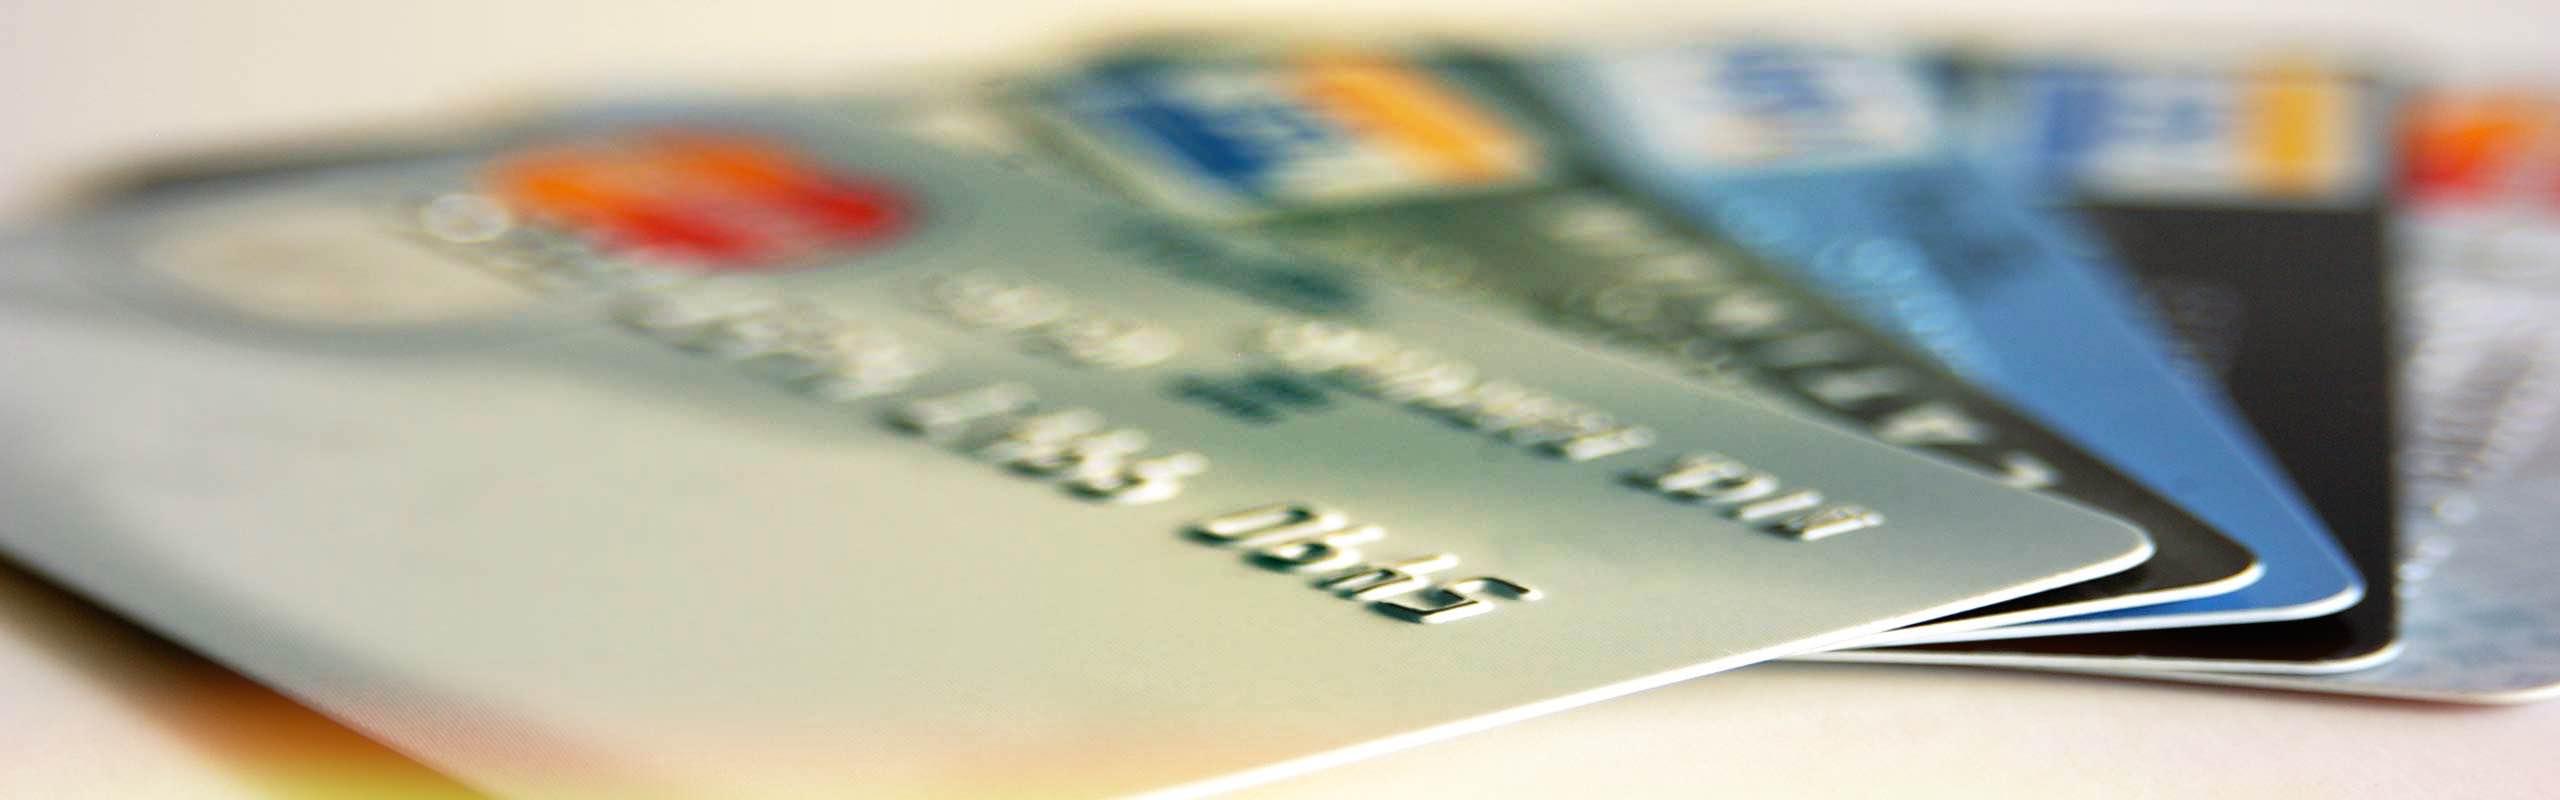 tarif carte bancaire credit mutuelle